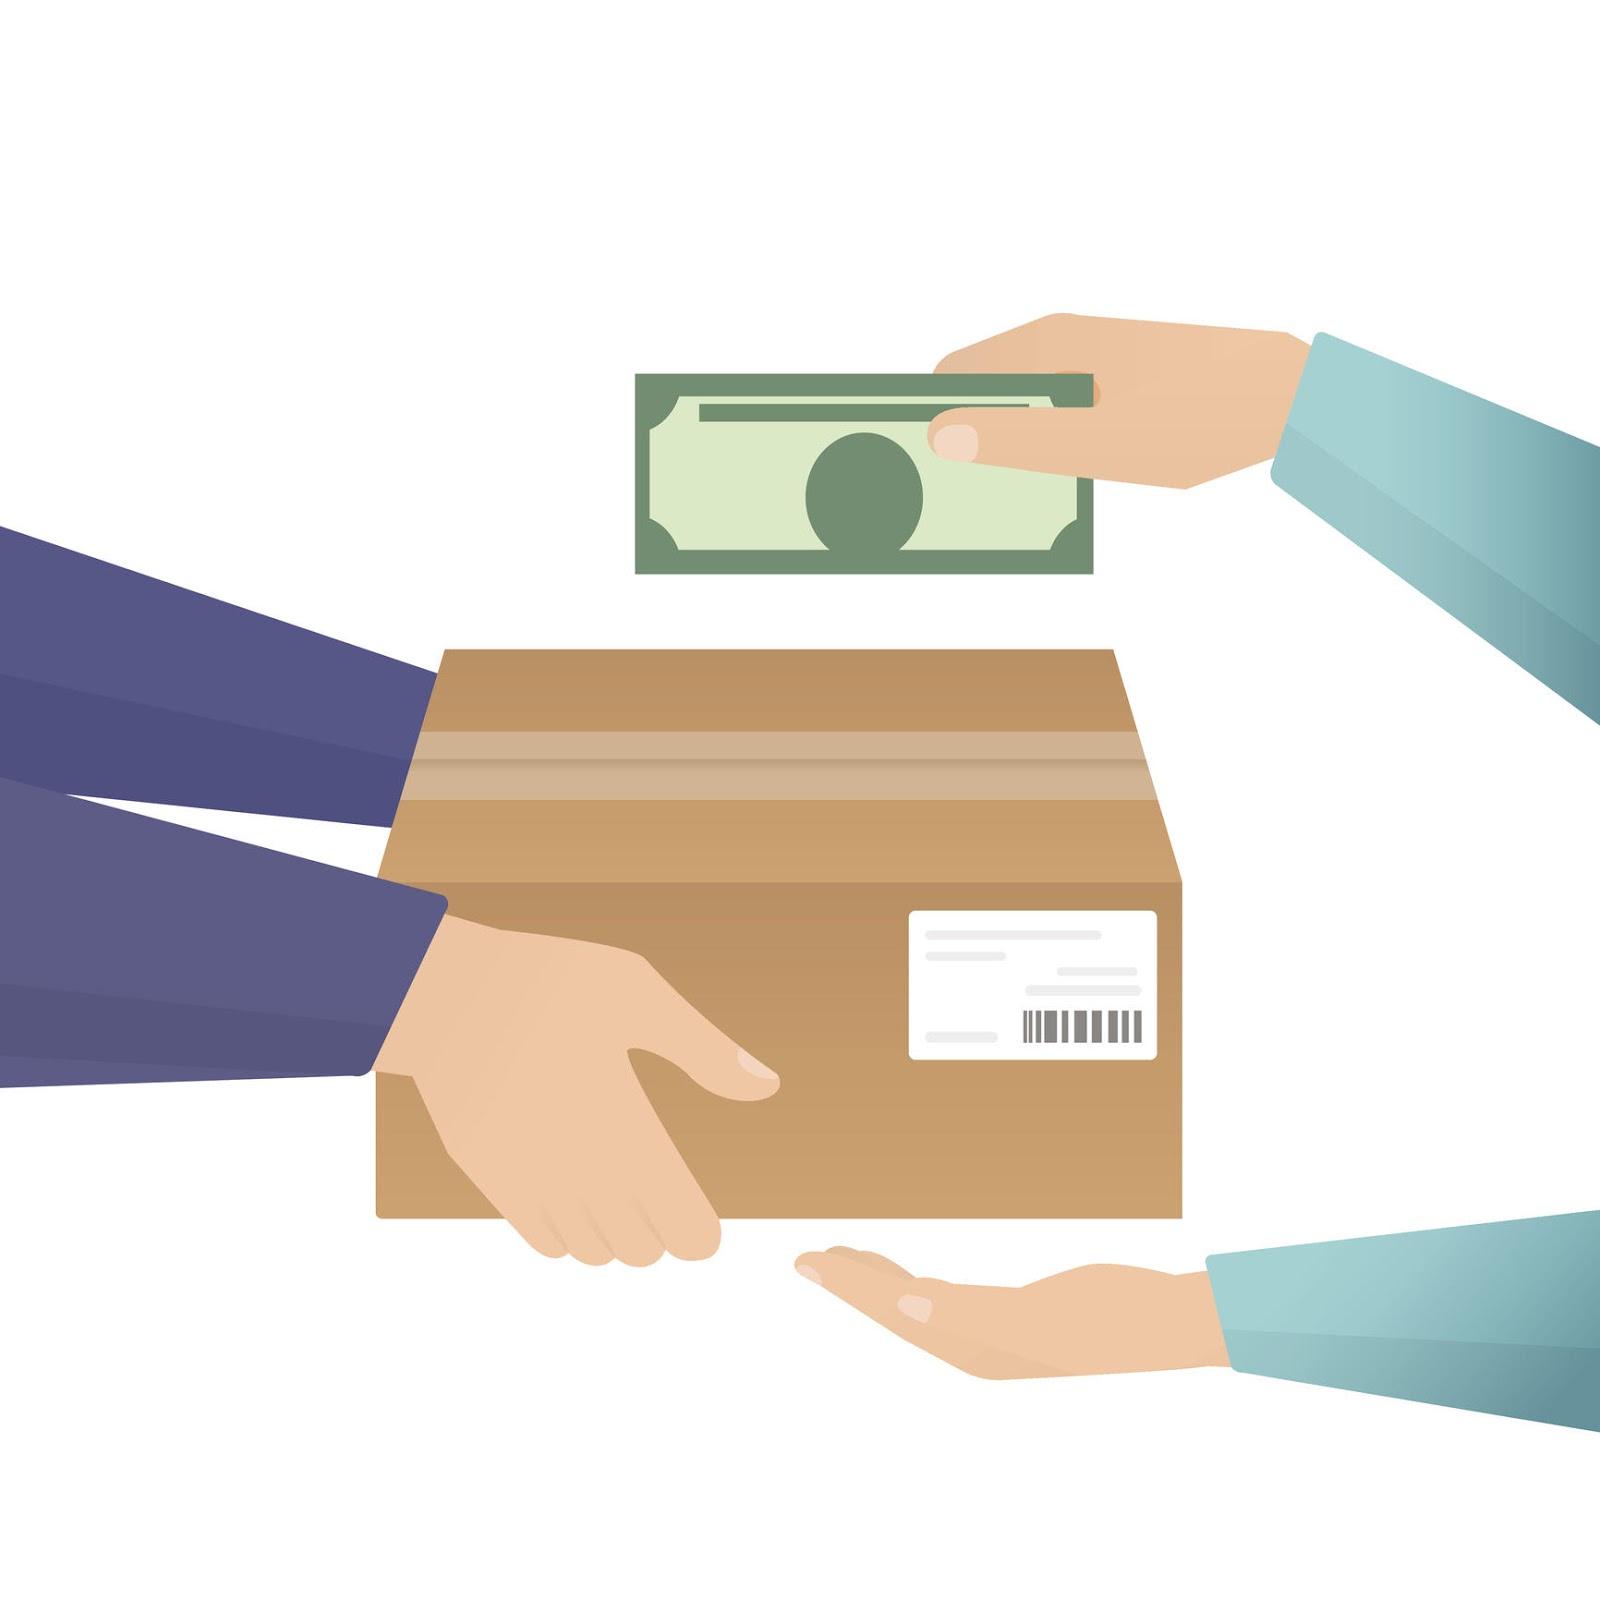 Linh động nguồn vốn để shop online phát triển kinh doanh